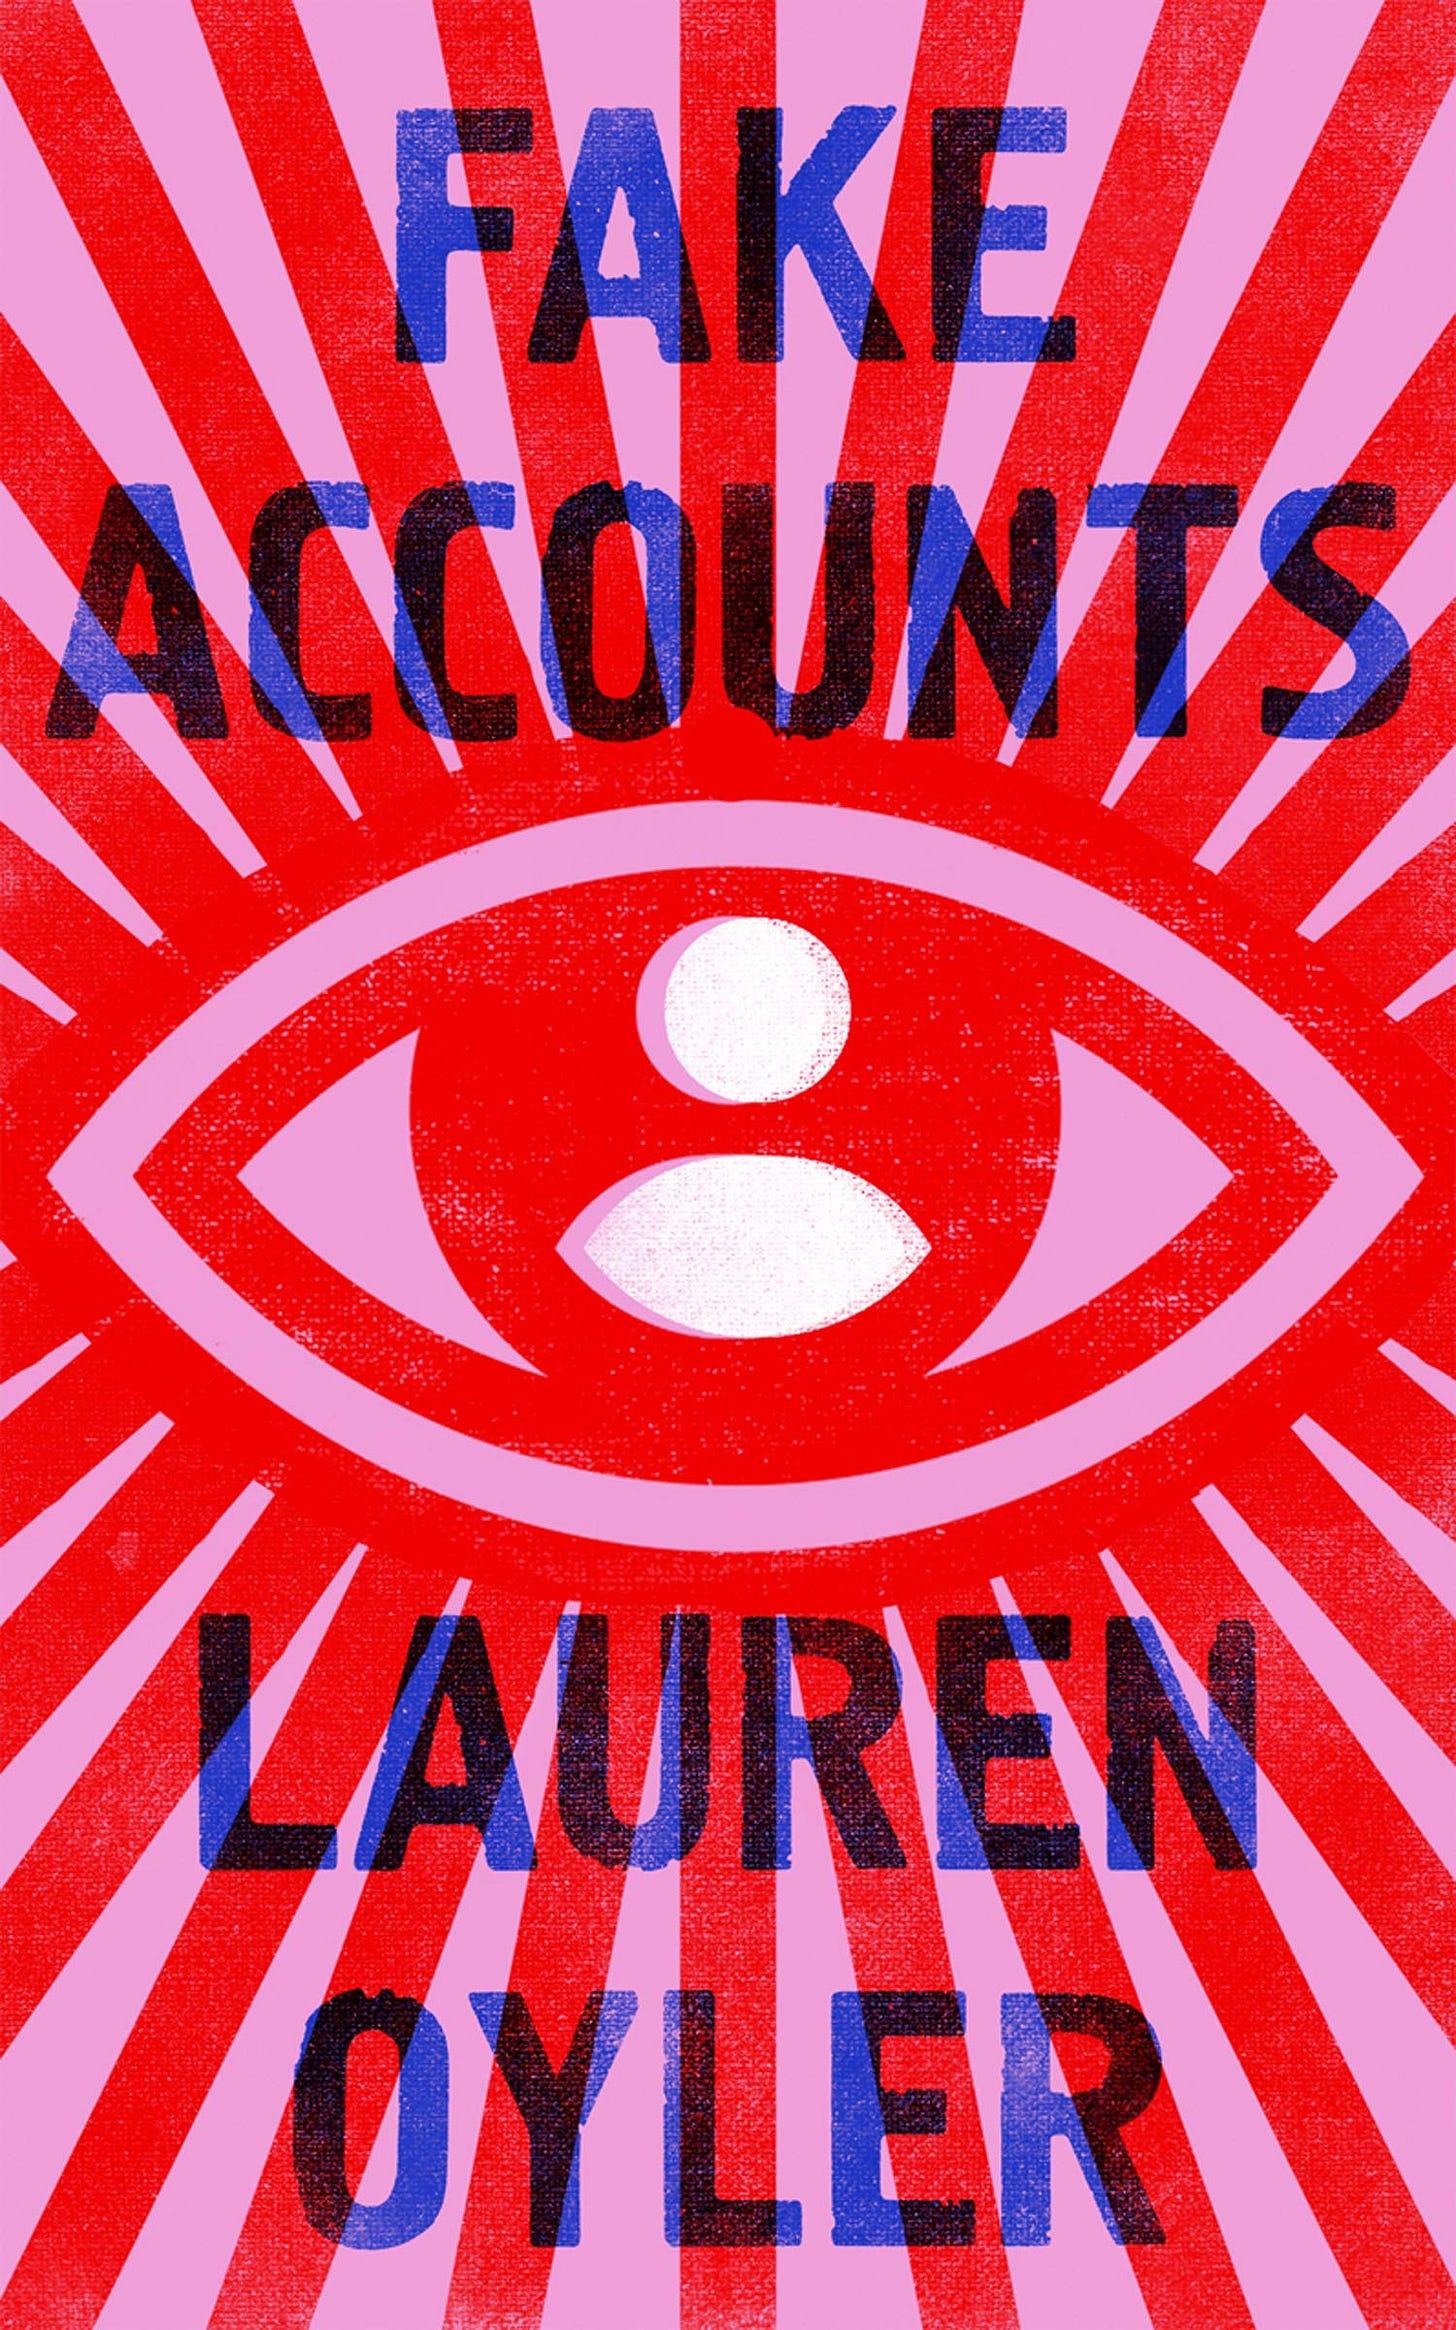 Fake Accounts: Oyler, Lauren: 9780008366520: Amazon.com: Books